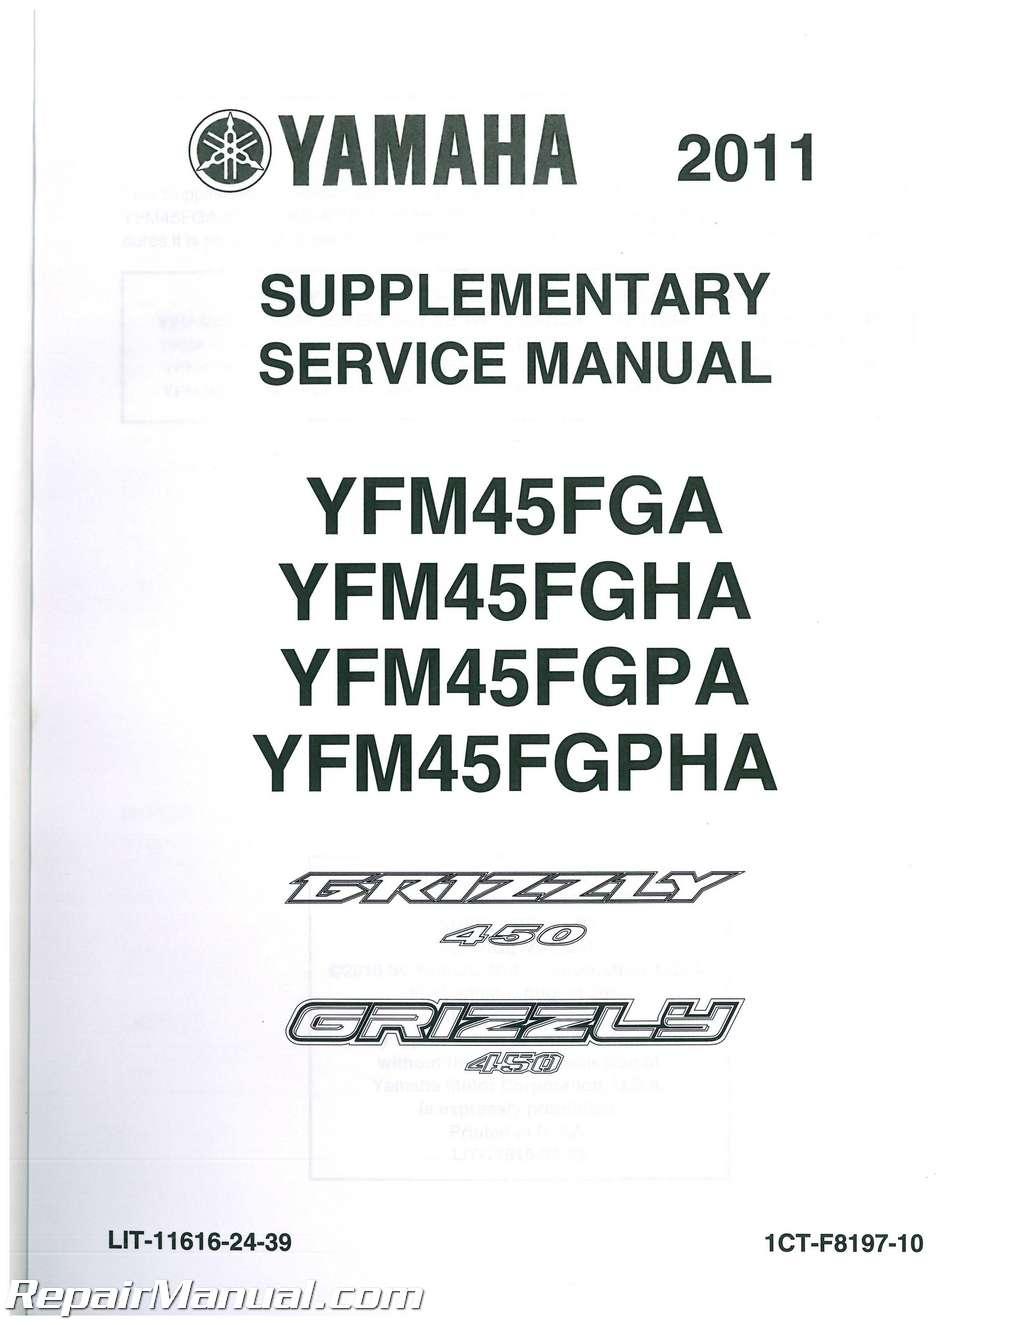 Wiring Diagram 2011 450 Yamaha Grizzly Experts Of 350 Switch U2022 Rh 140 82 24 126 600 2005 Kodiak